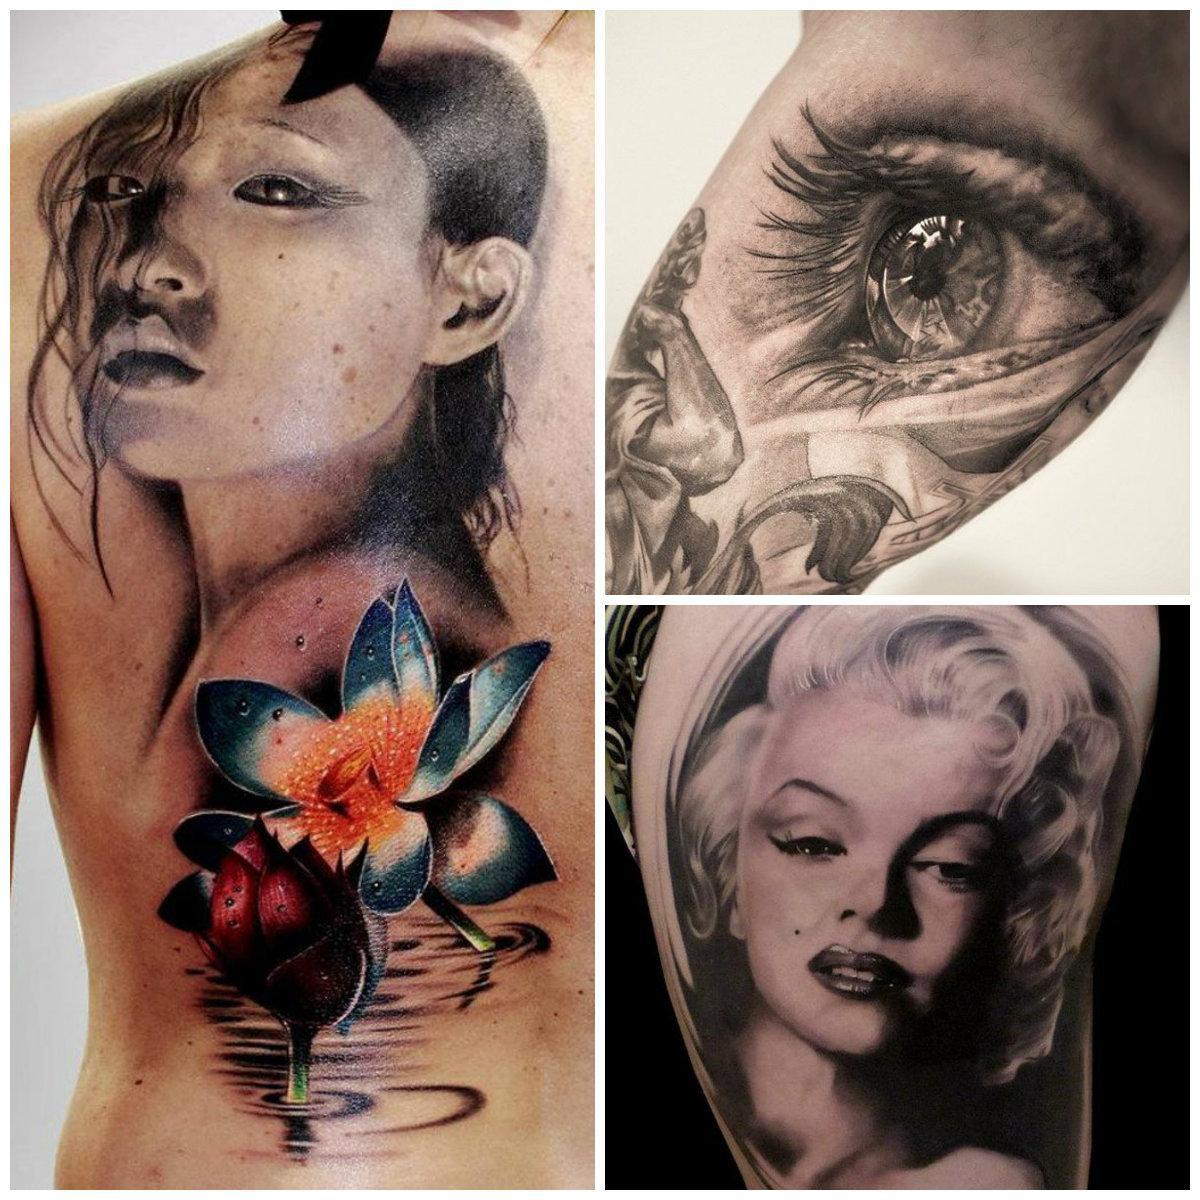 Tatuagem que demonstra muita realidade (Foto: Divulgação)